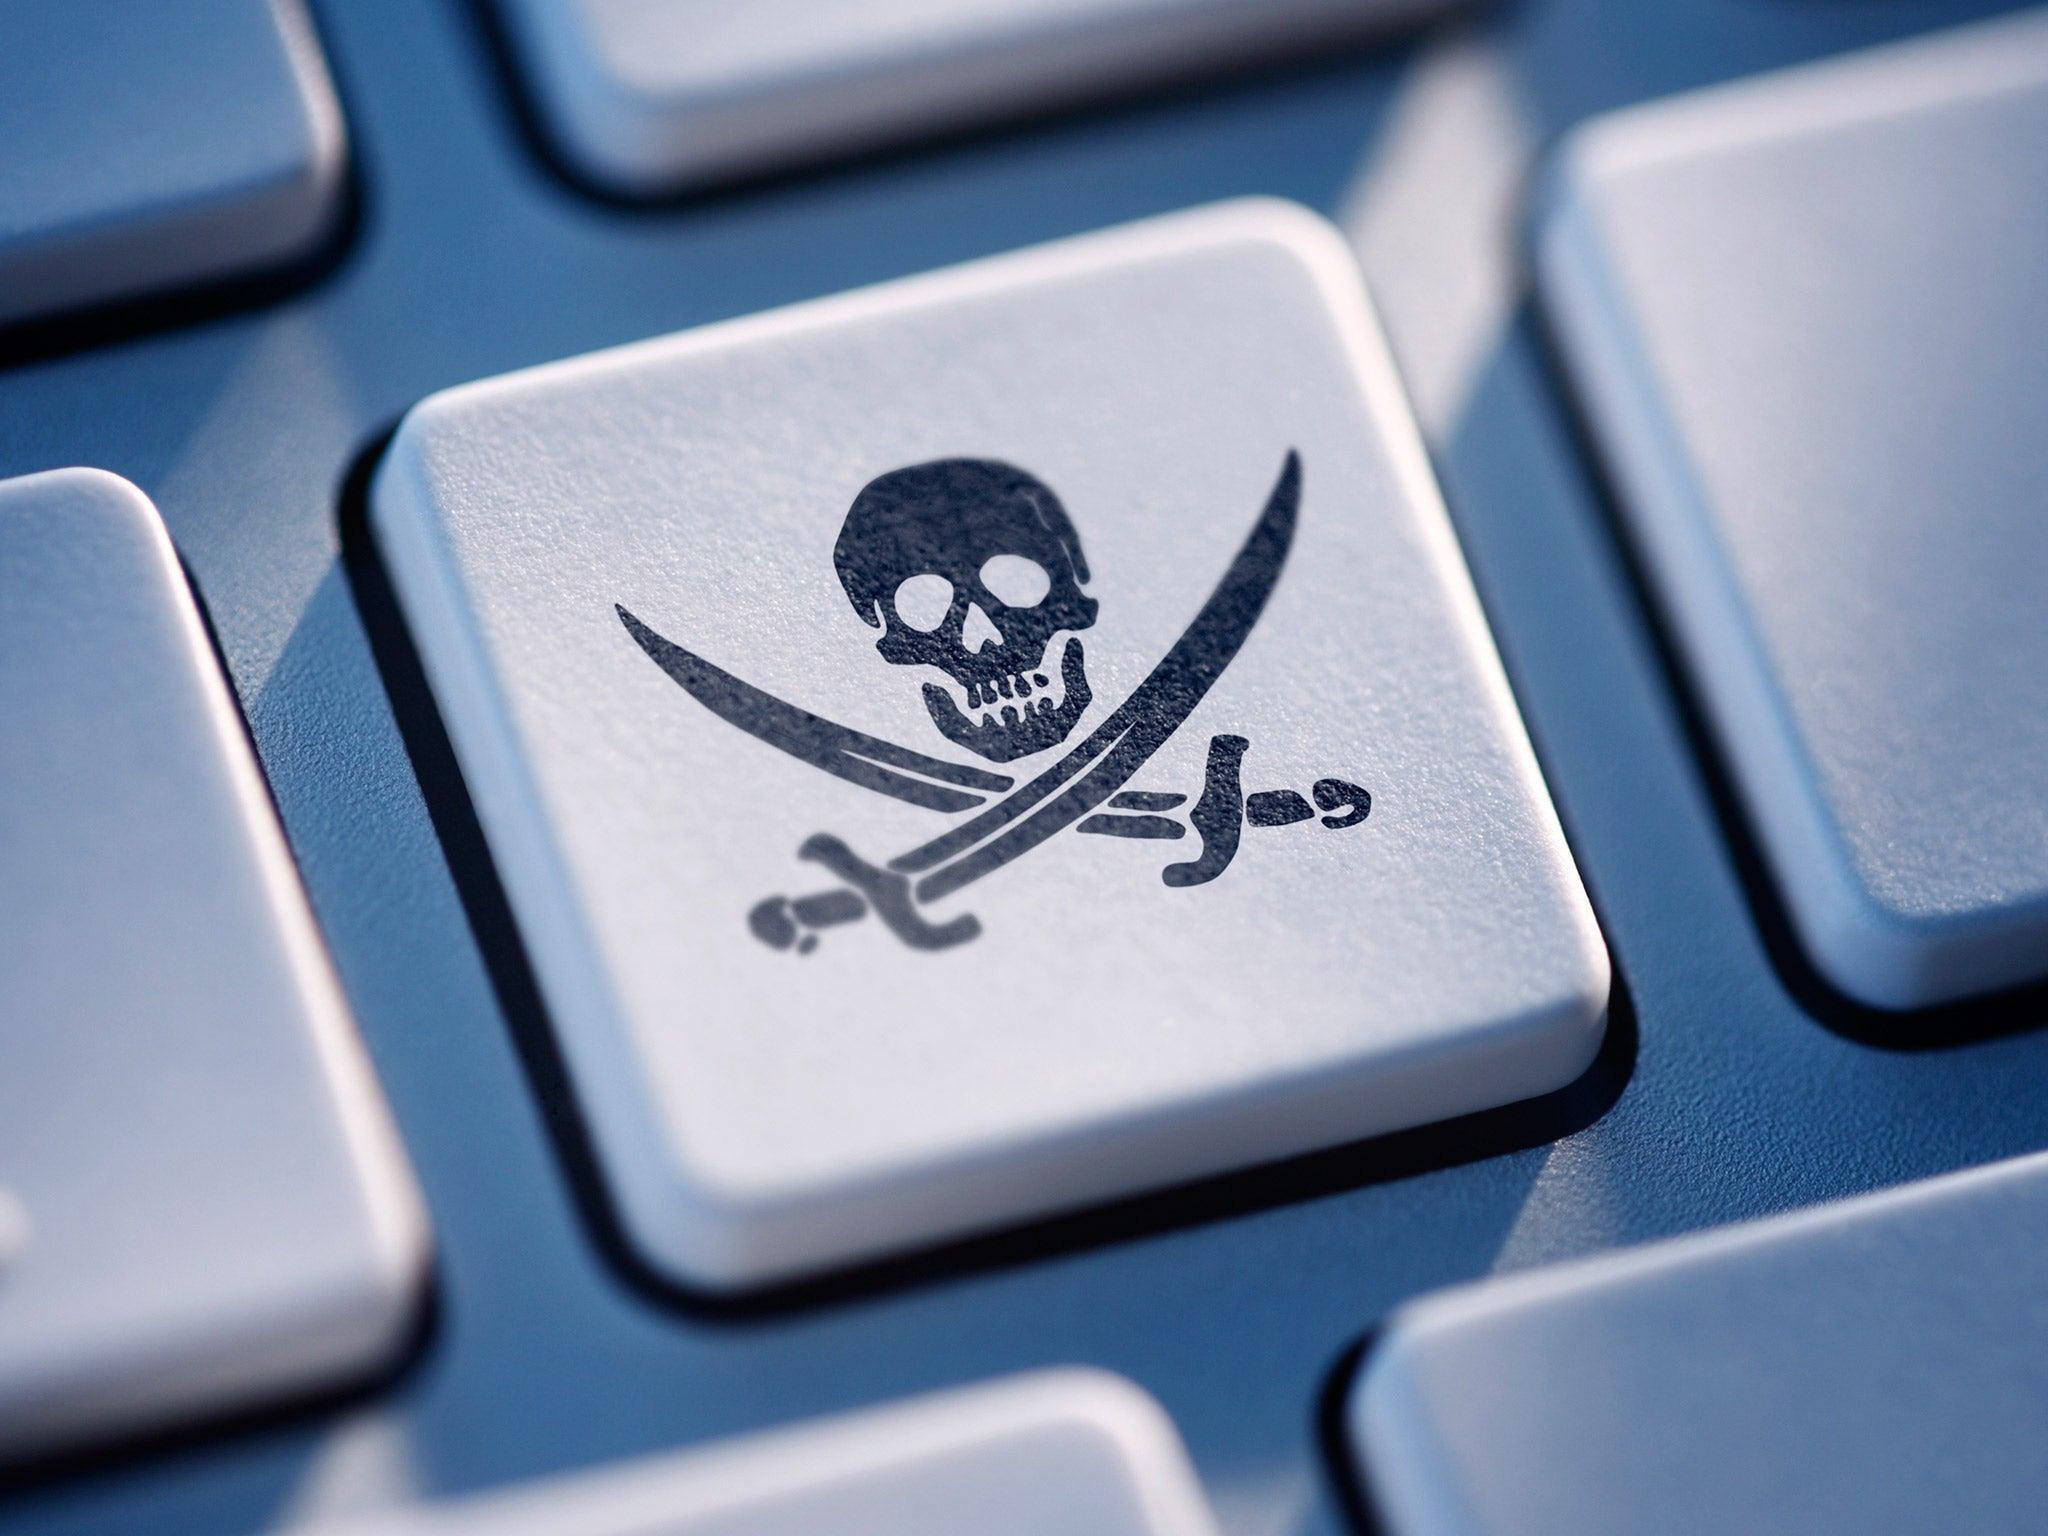 La piratería online aumentó casi un 60% desde el inicio de la pandemia, según estudio